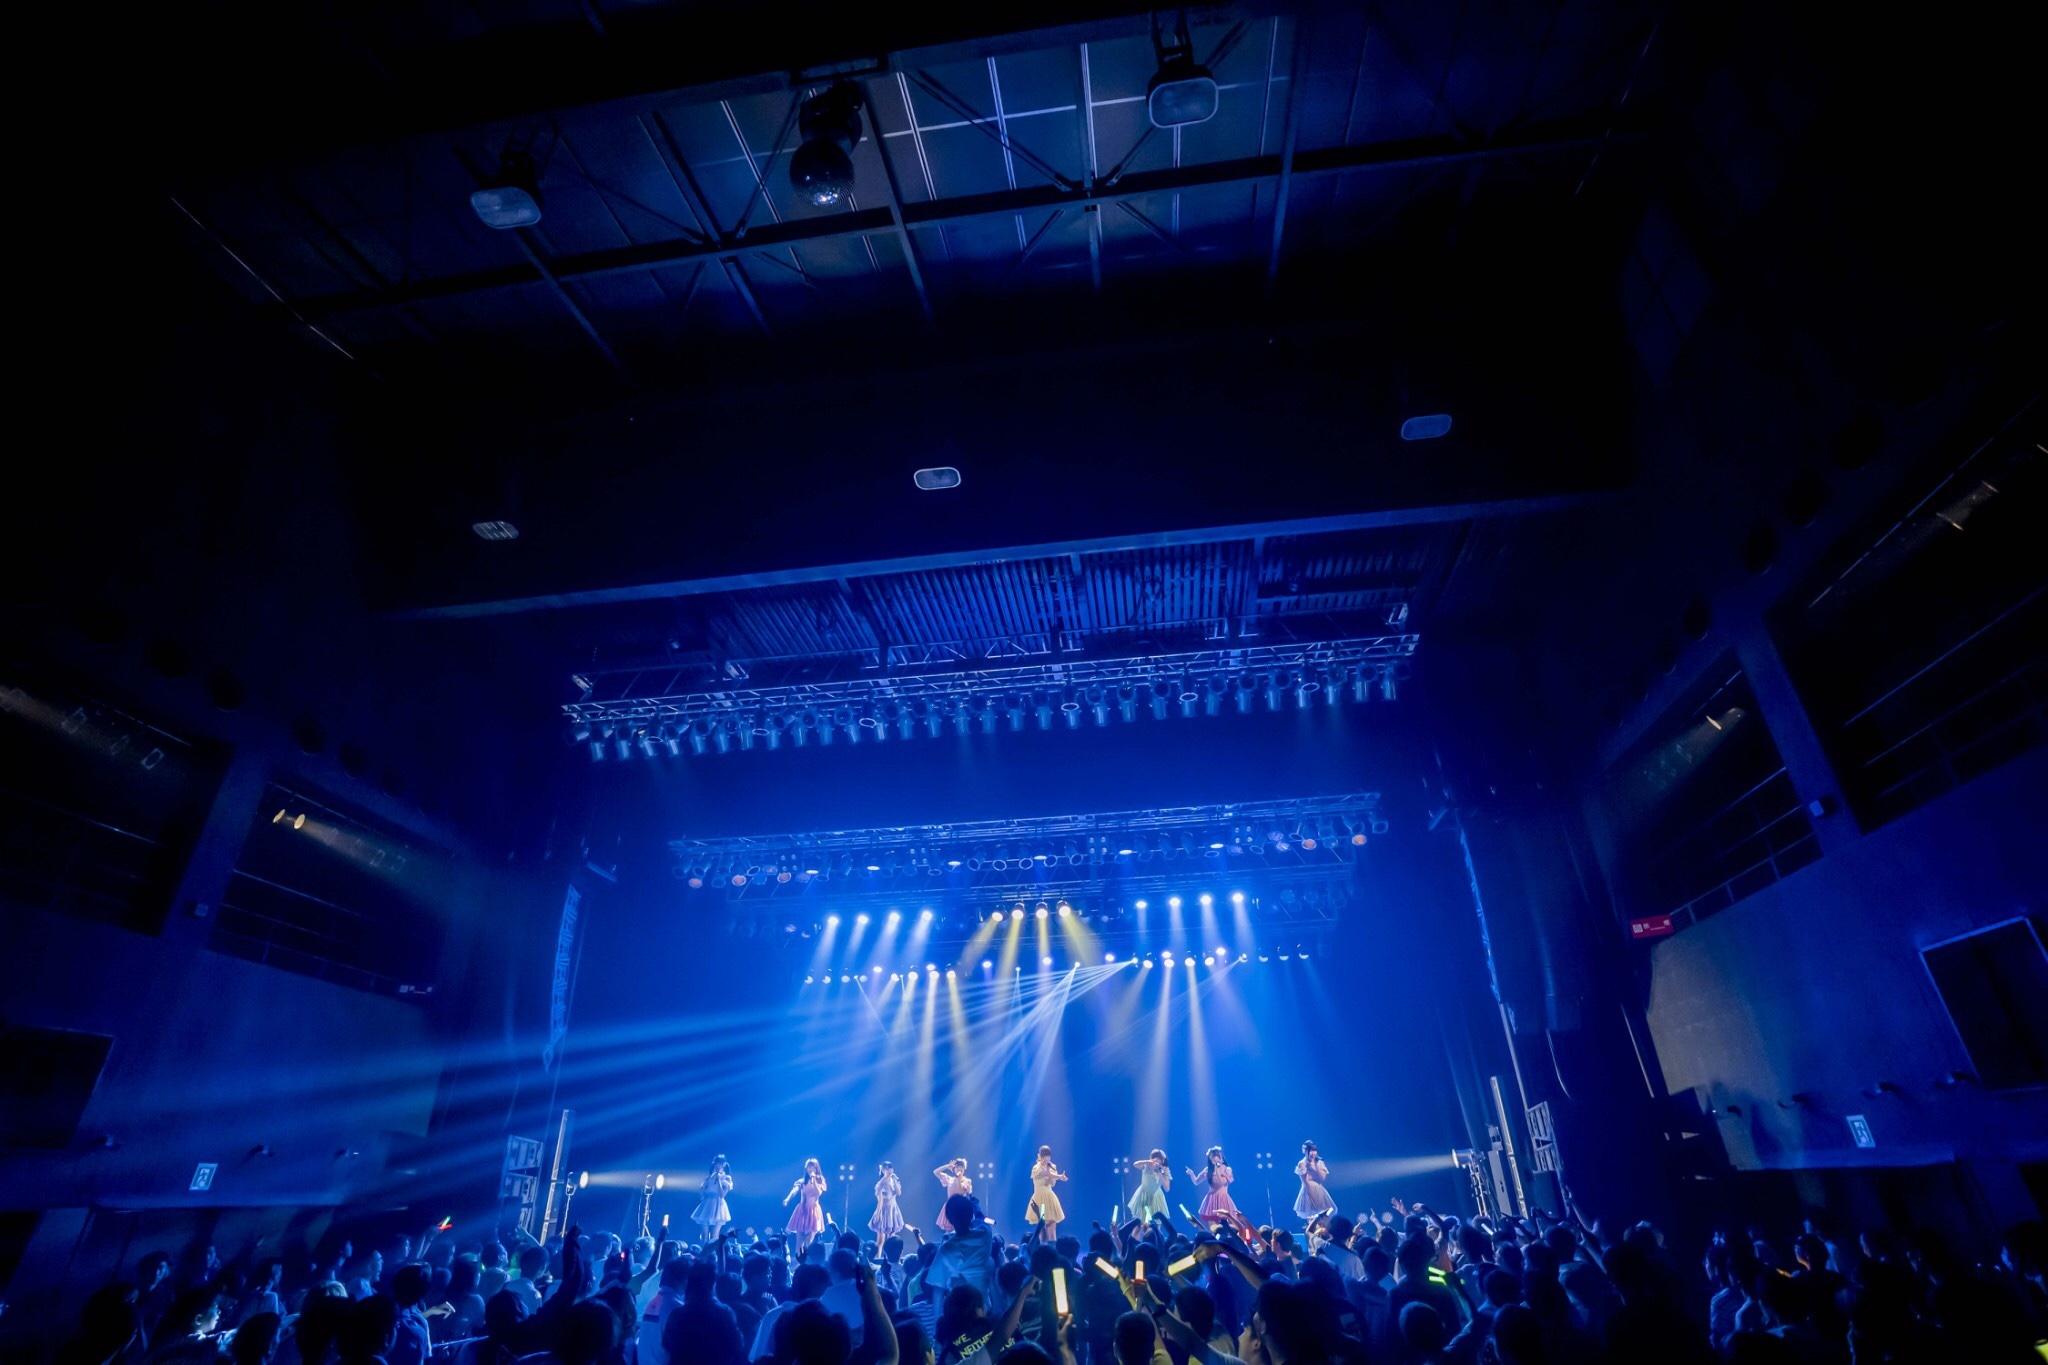 オーディション [名古屋]てぃんく♪ 新ユニットメンバー募集 主催:ハニーエールプロモーション、カテゴリ:アイドル(ロコドル)